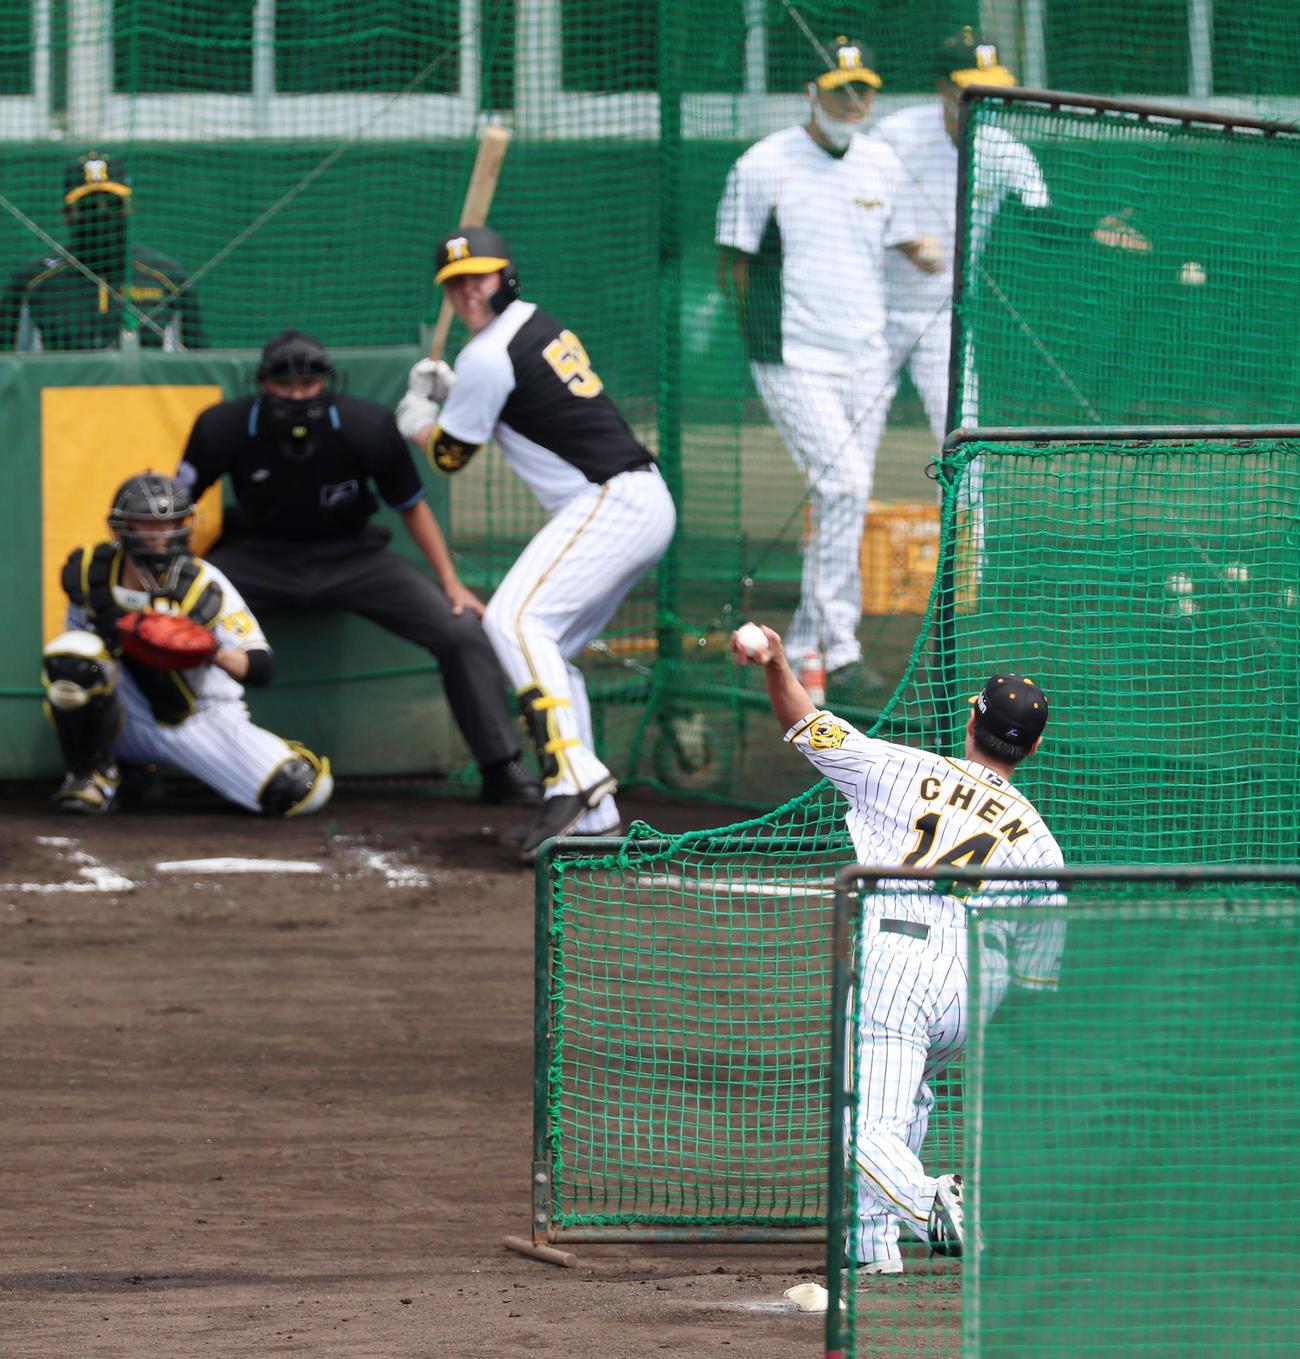 打撃投手で登板したチェン・ウェインはチェンジアップでジェリー・サンズから空振りを奪う(撮影・加藤哉)